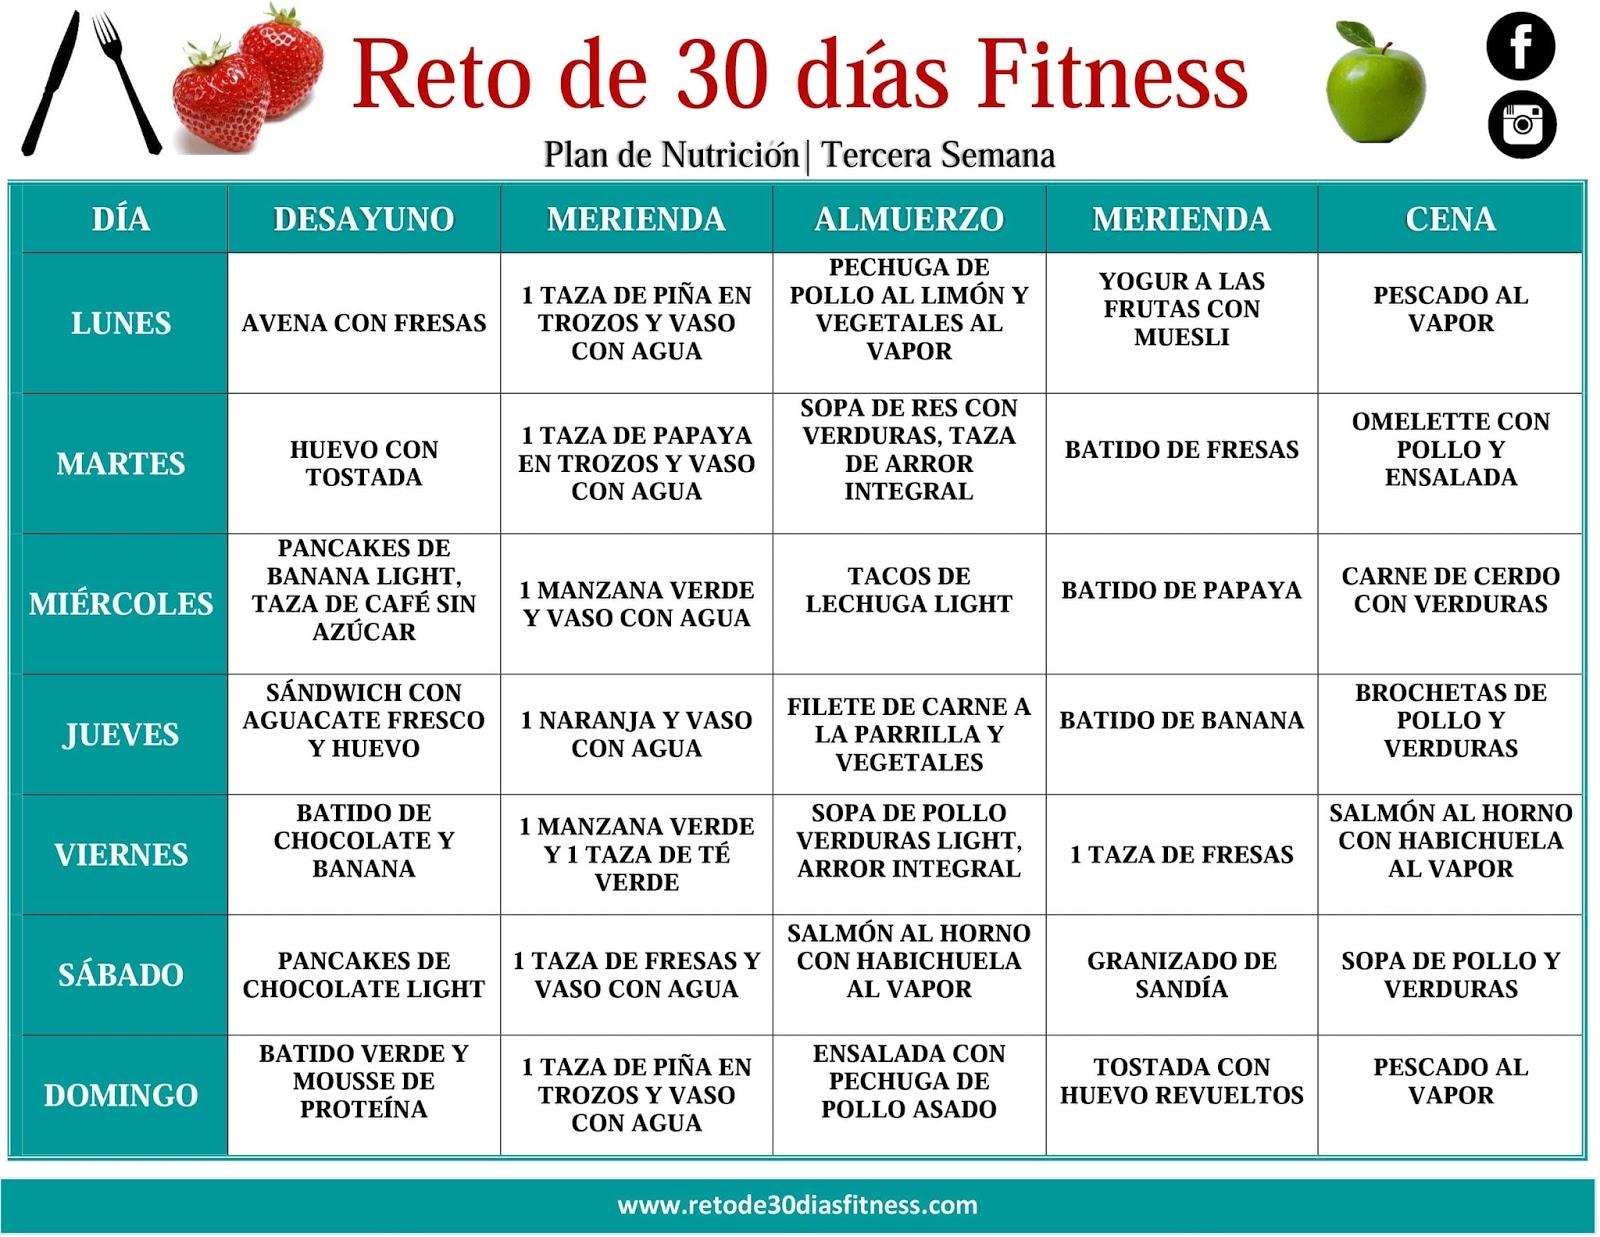 Dieta para perder m s de 10 kilos men semanal dieta - Cenas saludables para bajar de peso ...